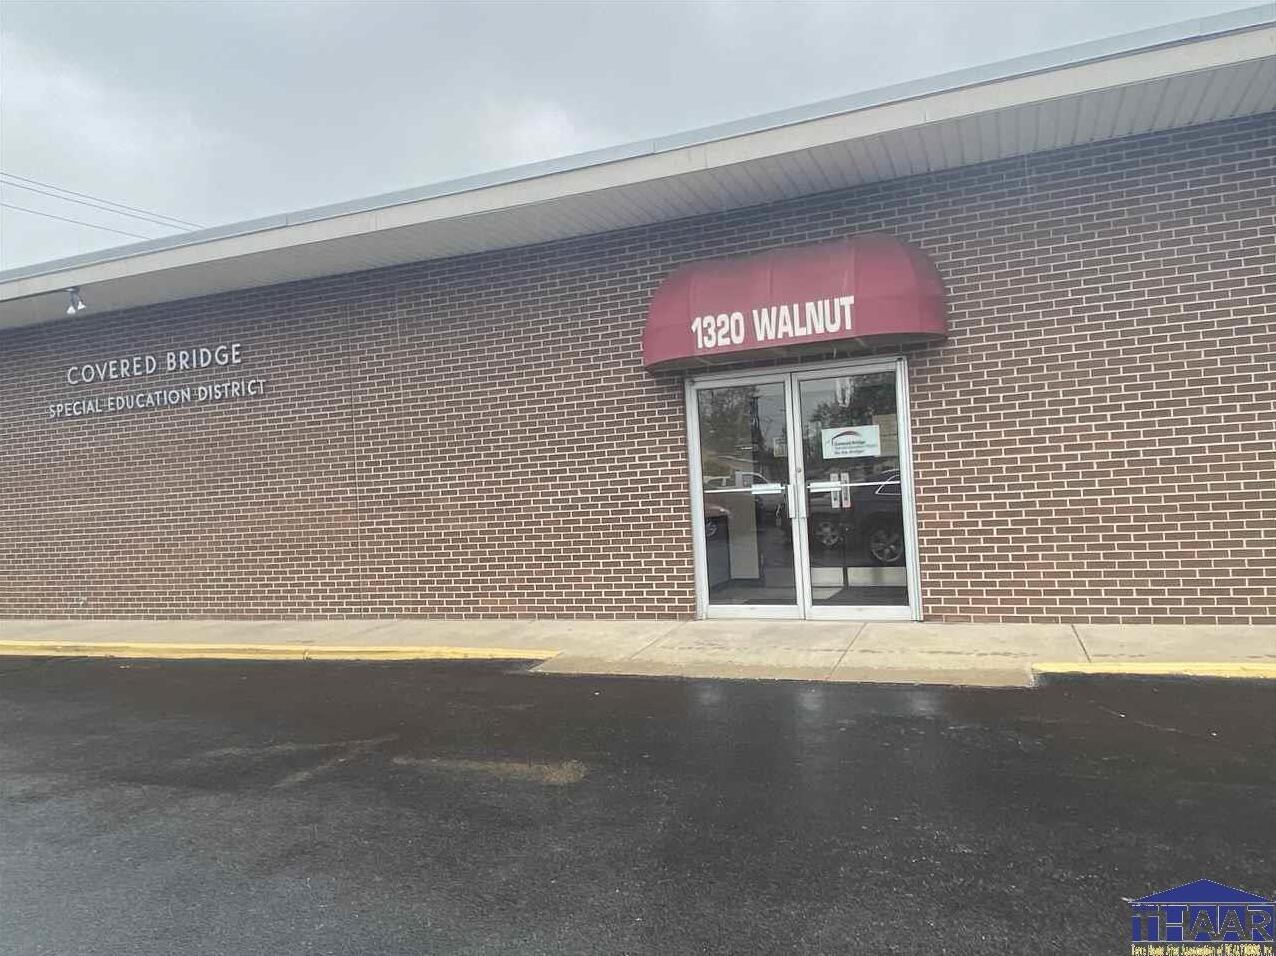 Photo of 1320 Walnut Street Terre Haute IN 47807